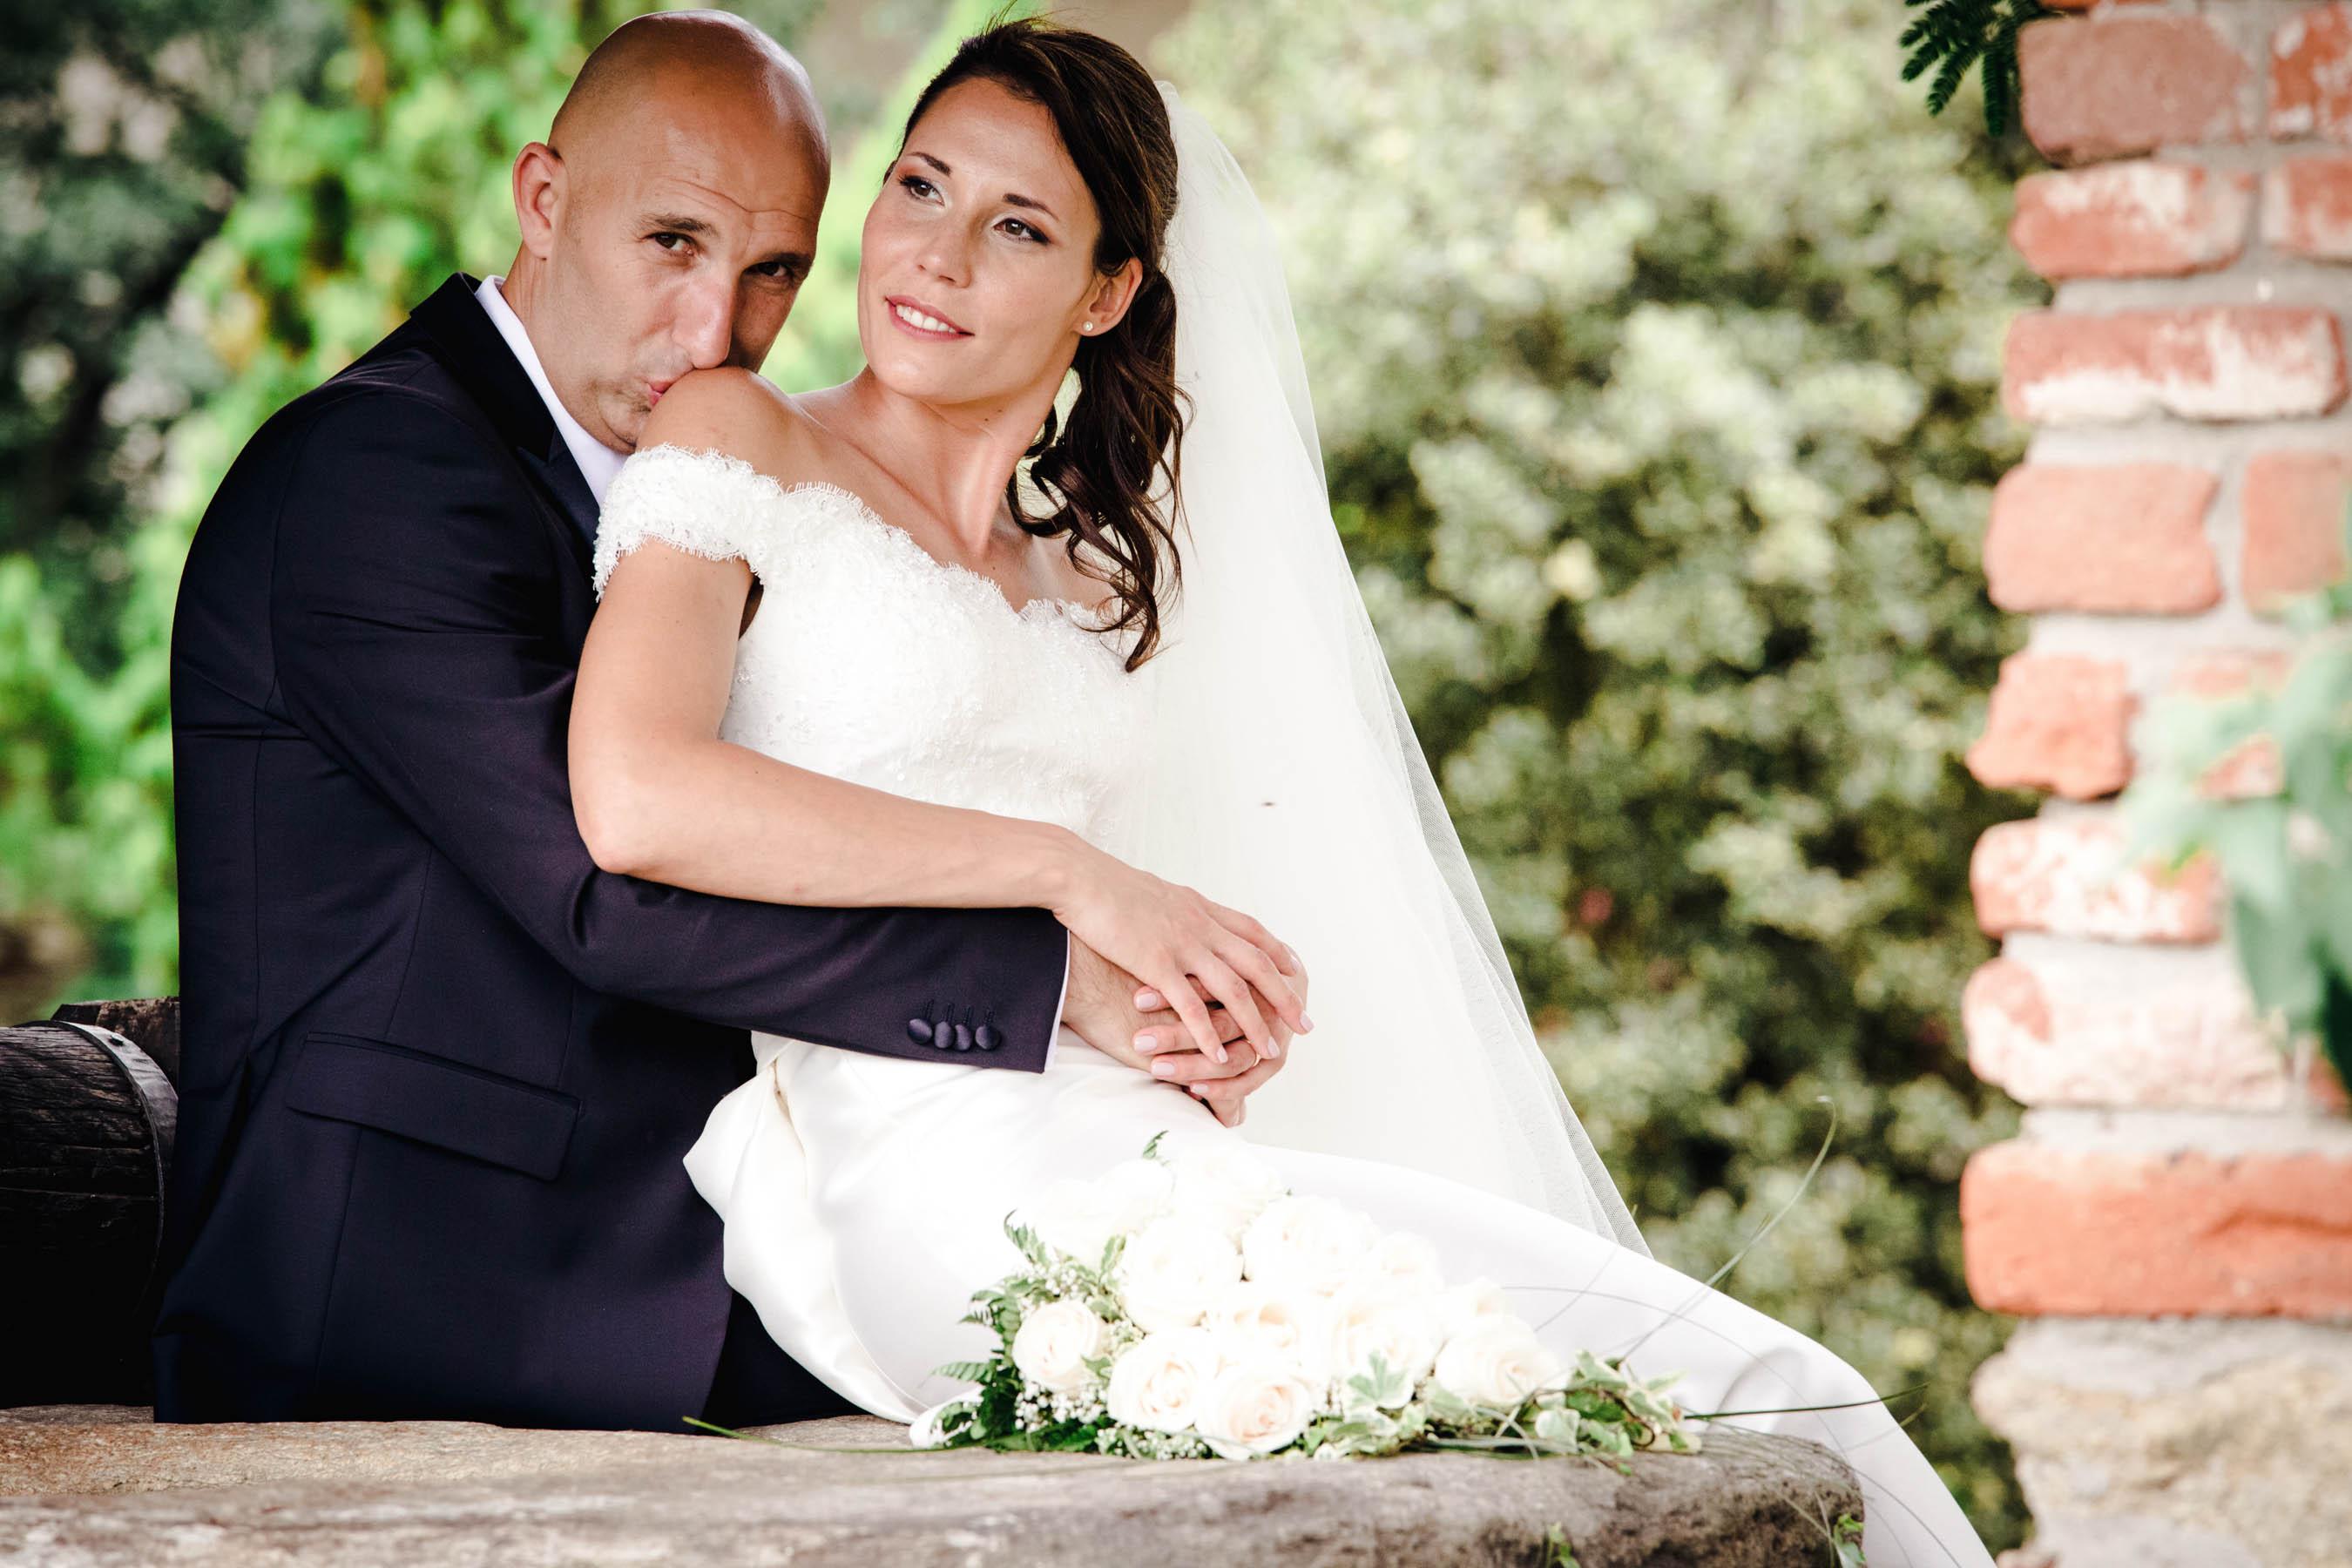 art foto_torino_monica sica photography_la vià _cavour_ fotografo matrimonio_torino-45